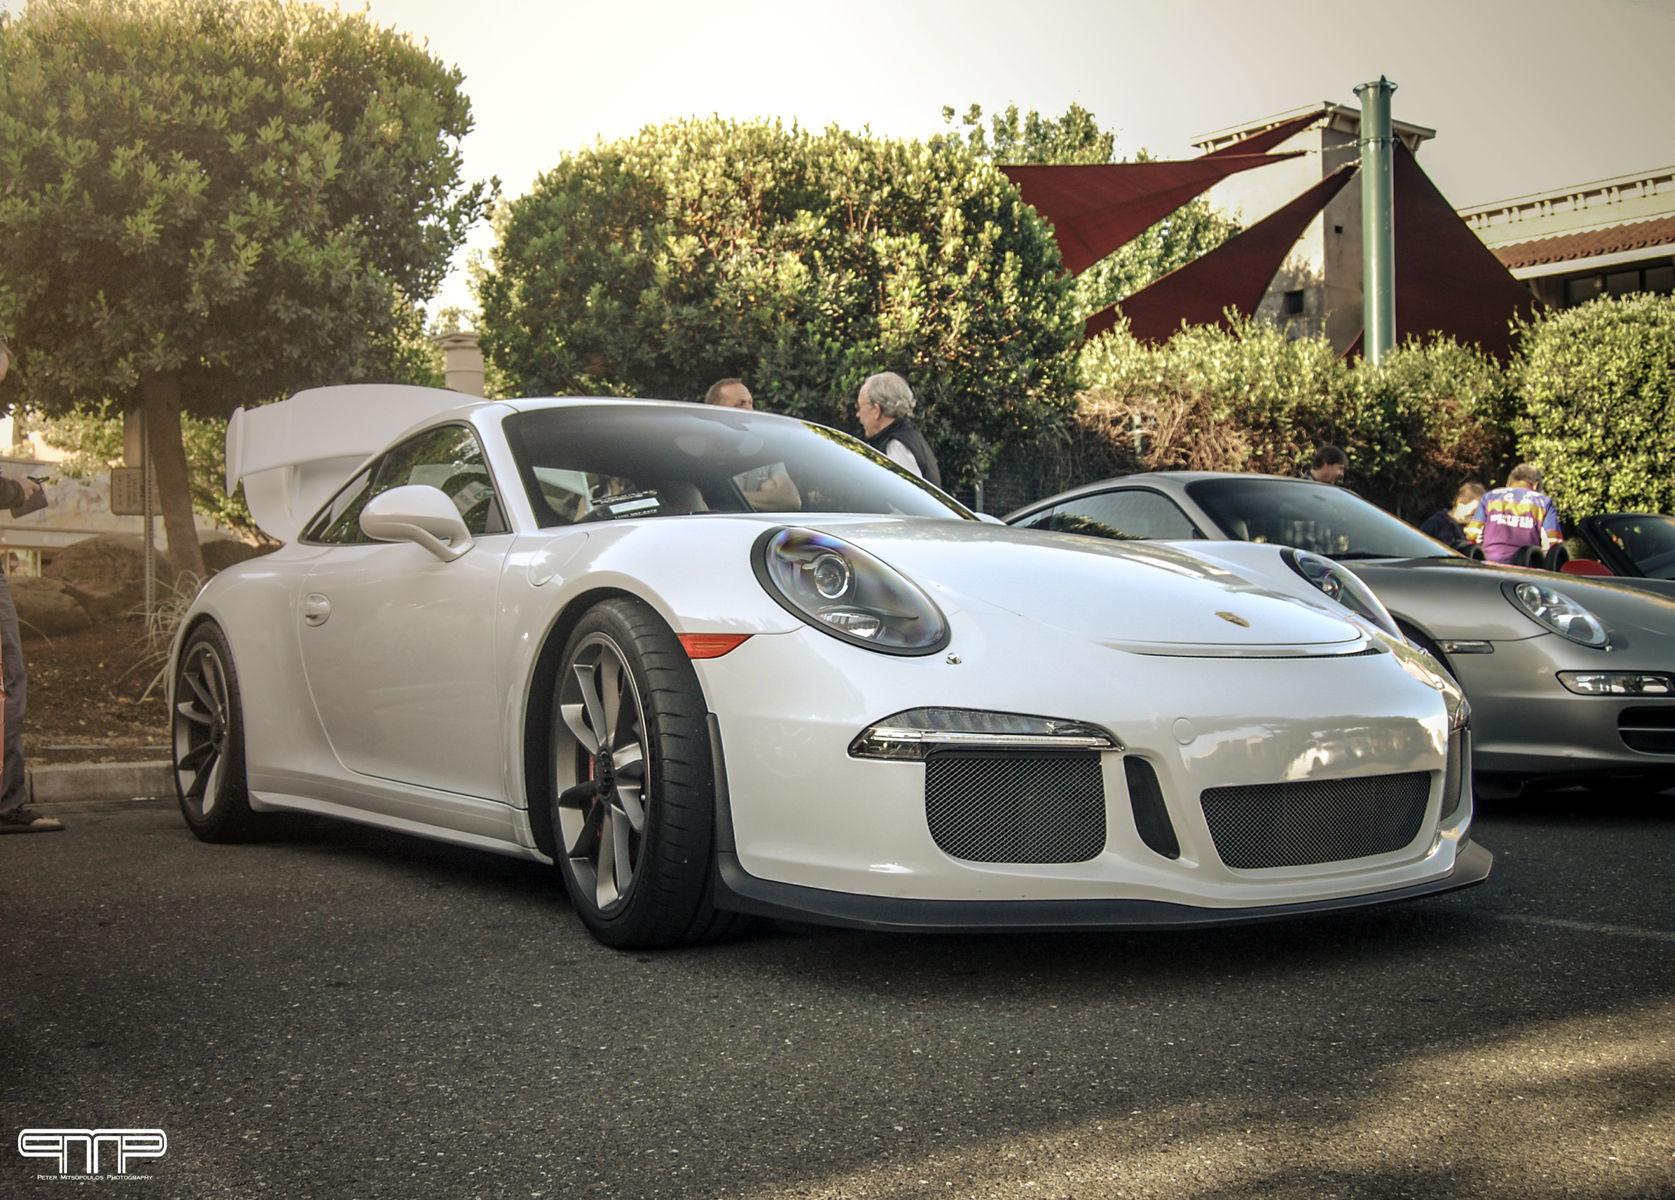 2015 Porsche 911 | Porsche 911 GT3